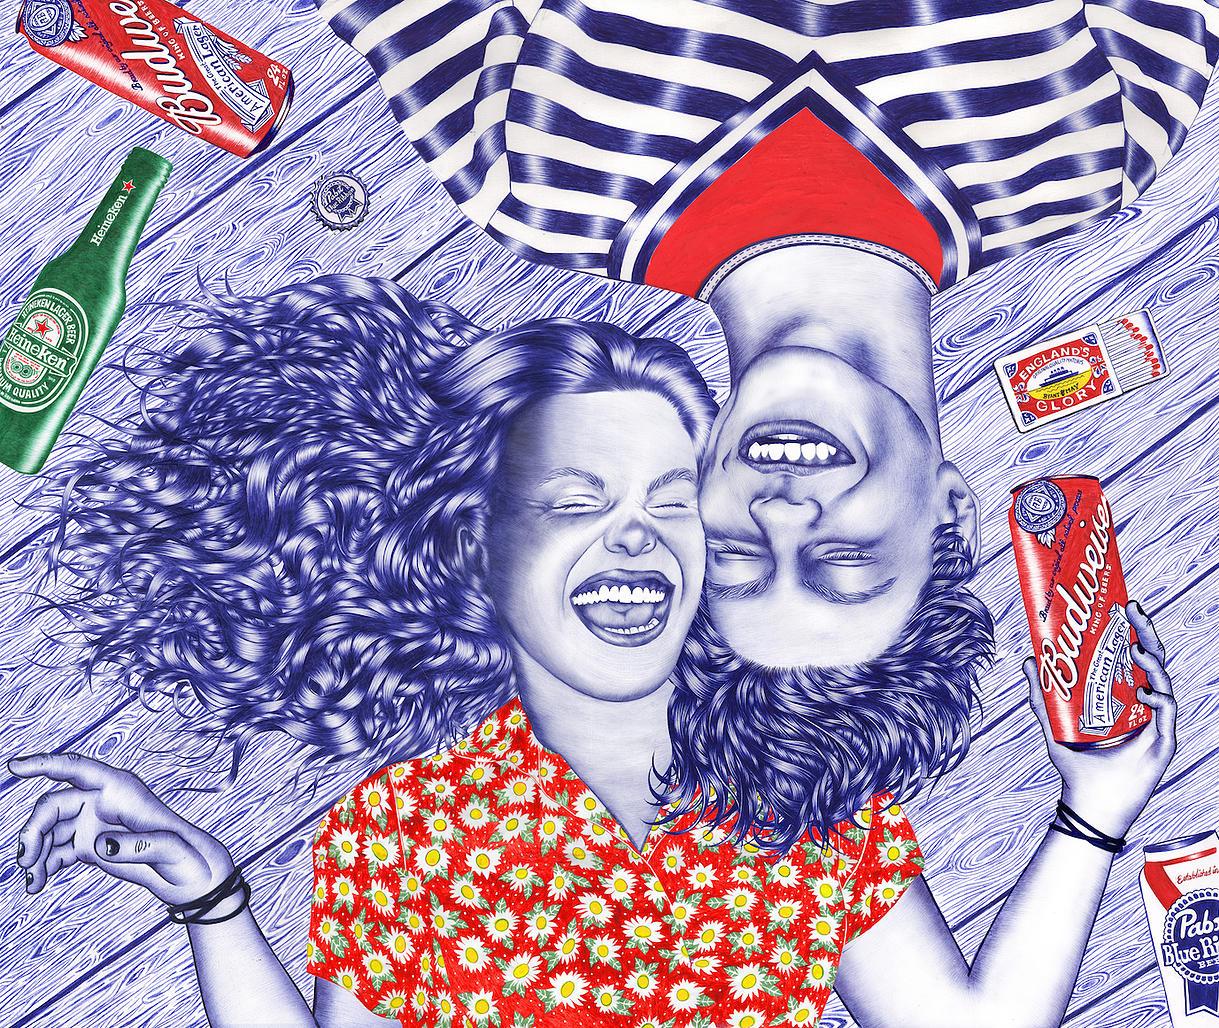 'Laughing Daisies' - Helena Hauss